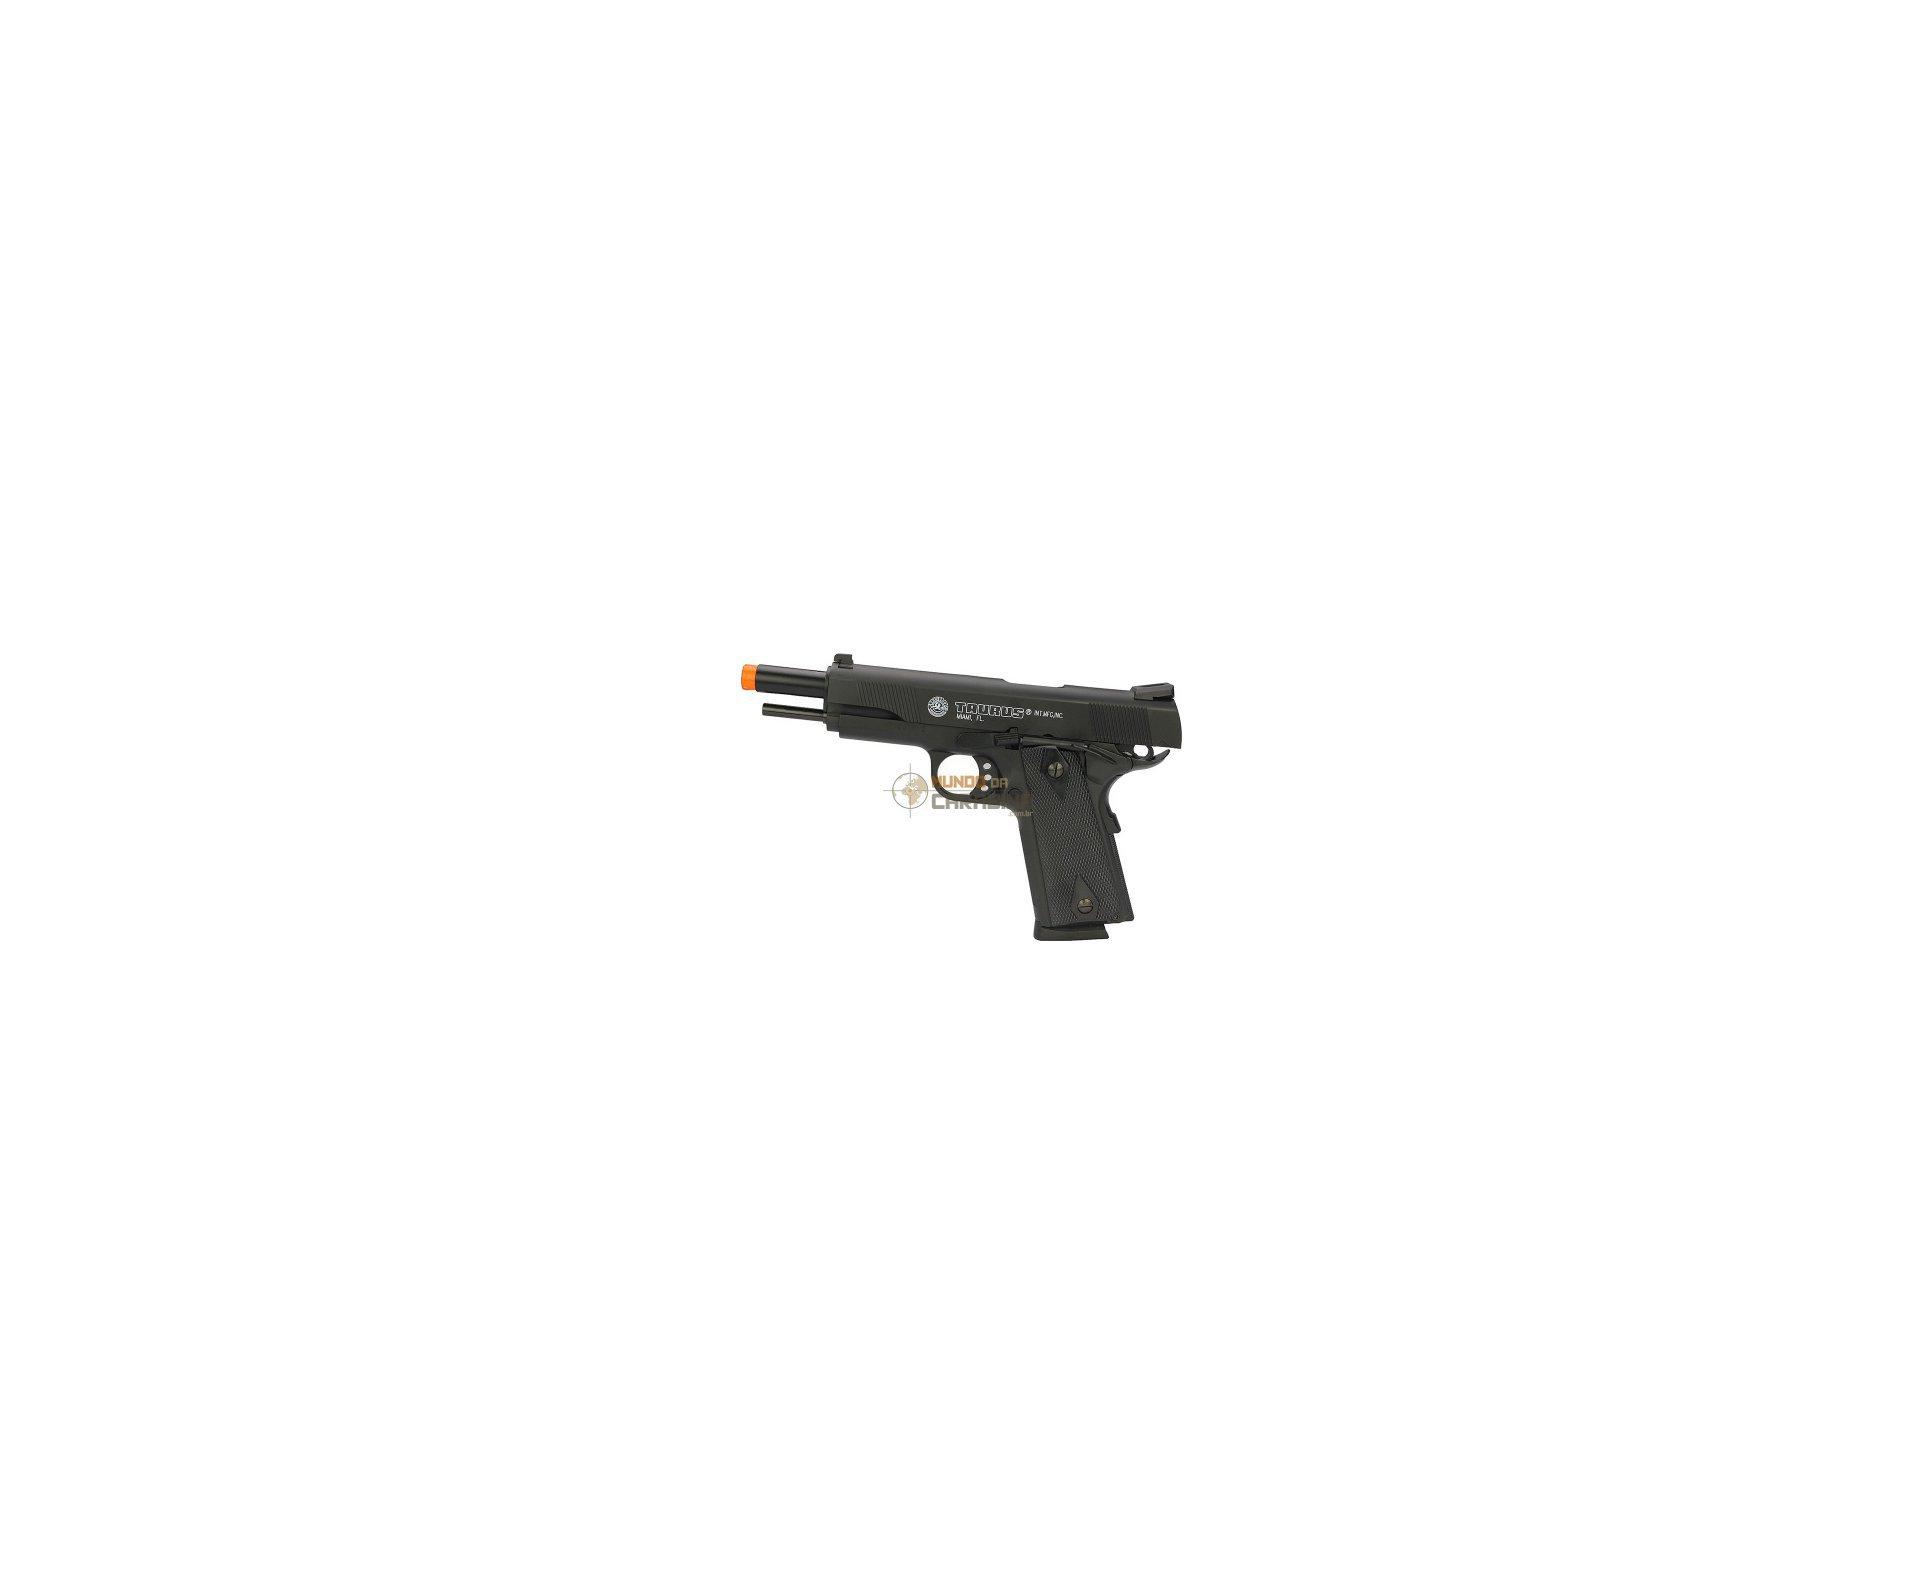 Pistola De Airsoft Taurus Pt 1911 Semi/metal + Coldre Perna Destro + Case Rossi